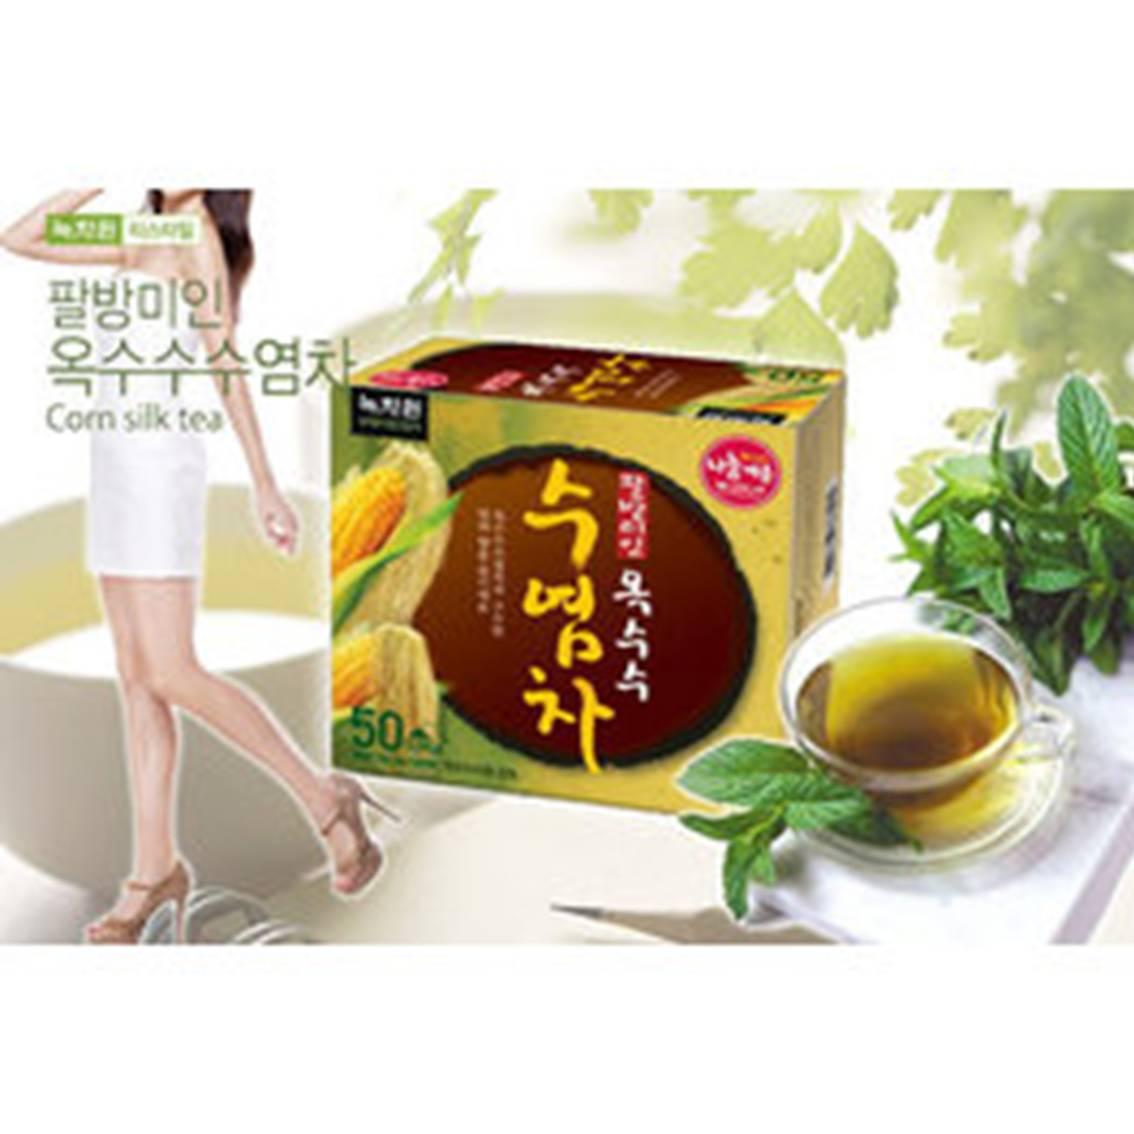 韓國綠茶園玉米鬚茶(50入)冷熱都好喝 電腦族必備【樂活生活館】